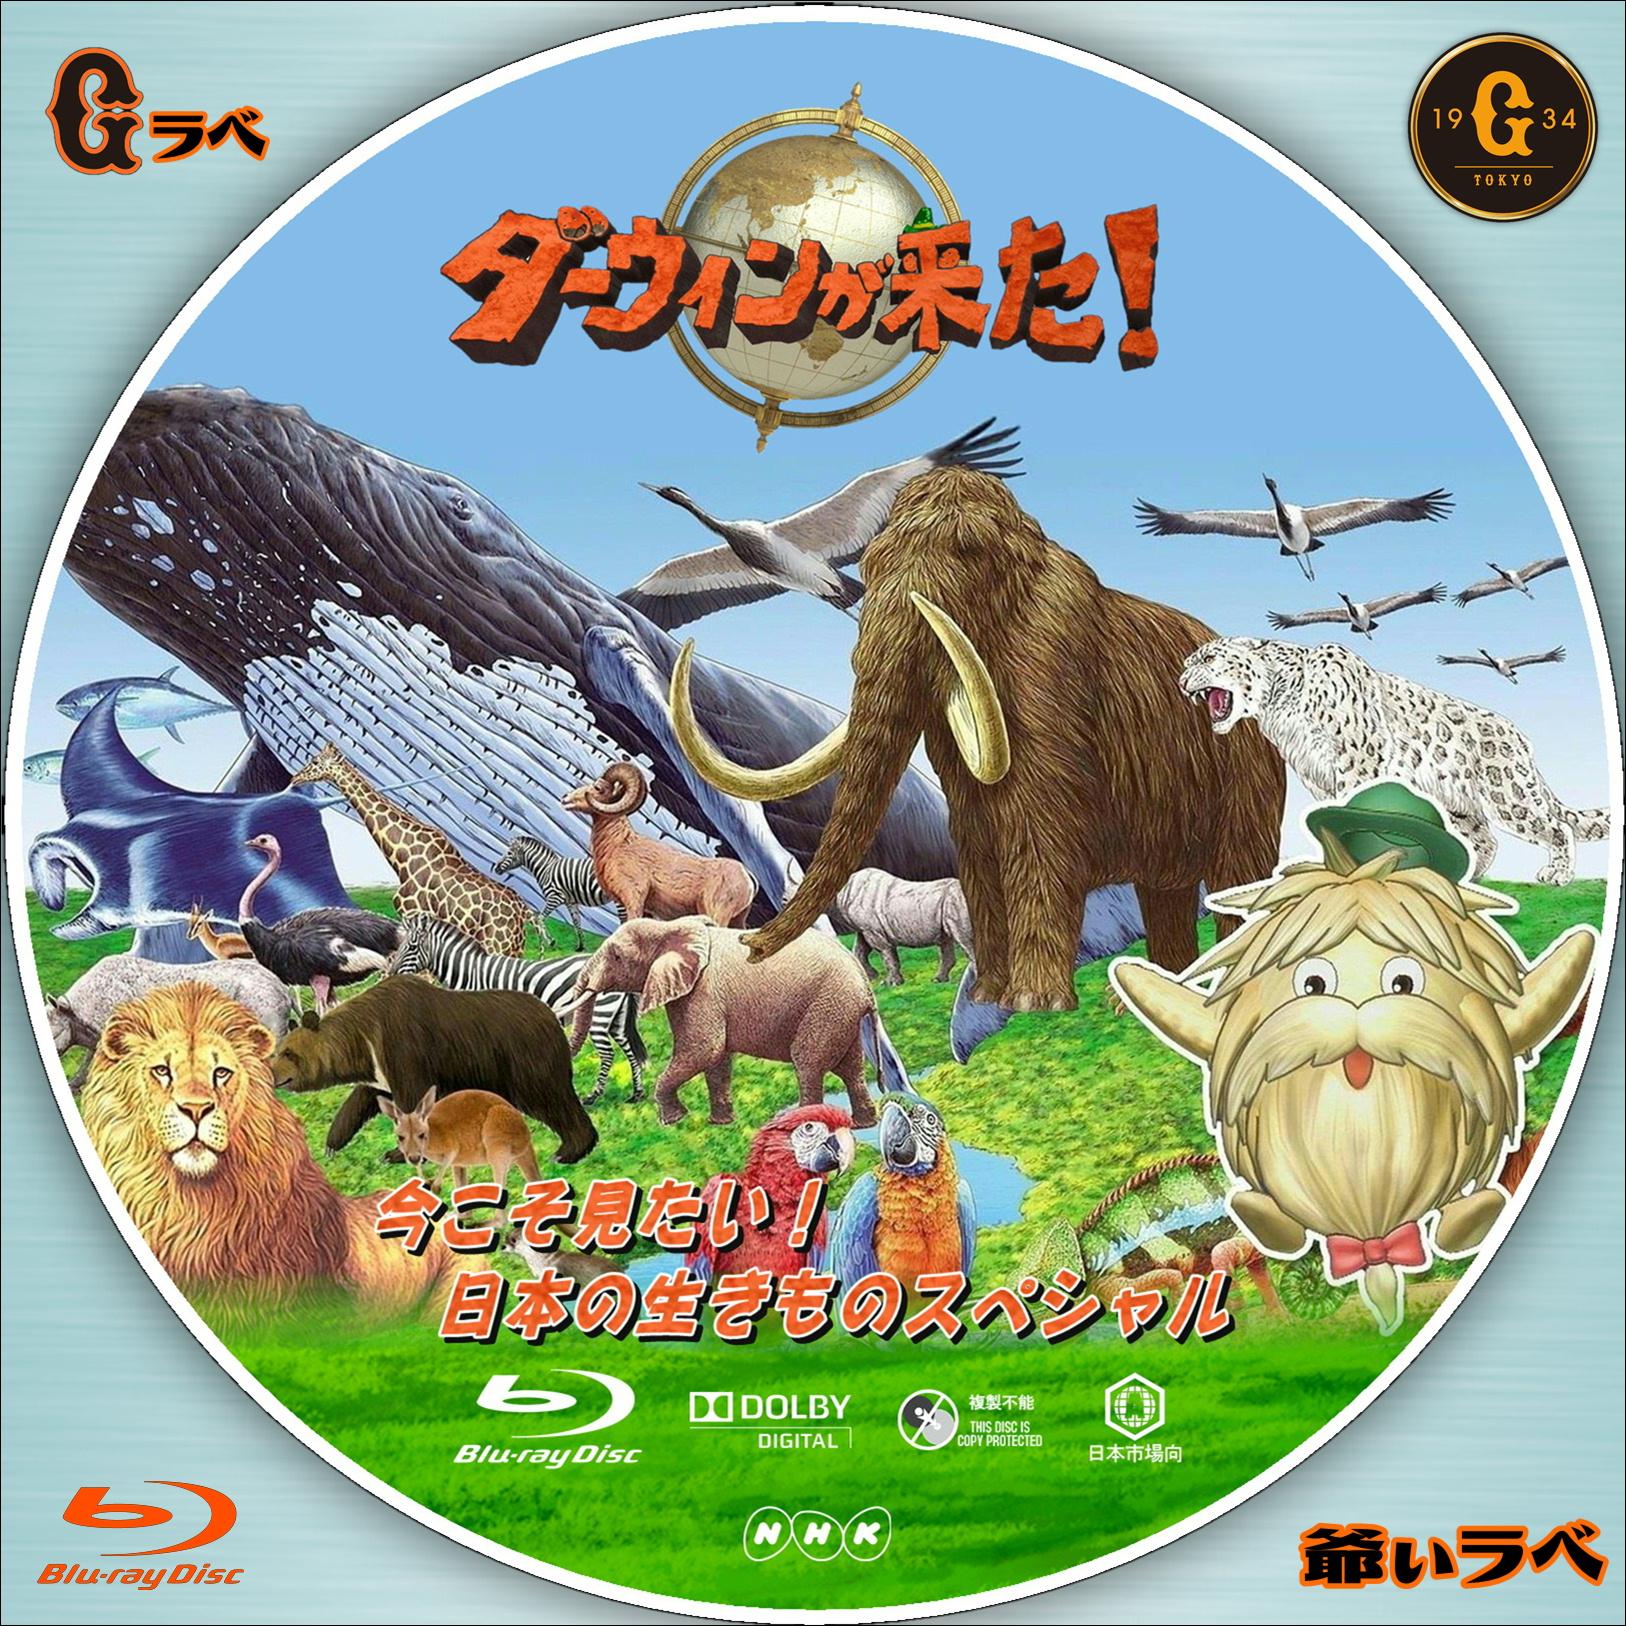 ダーウィンが来た! 今こそ見たい! 日本の生きものSP(Blu-ray)